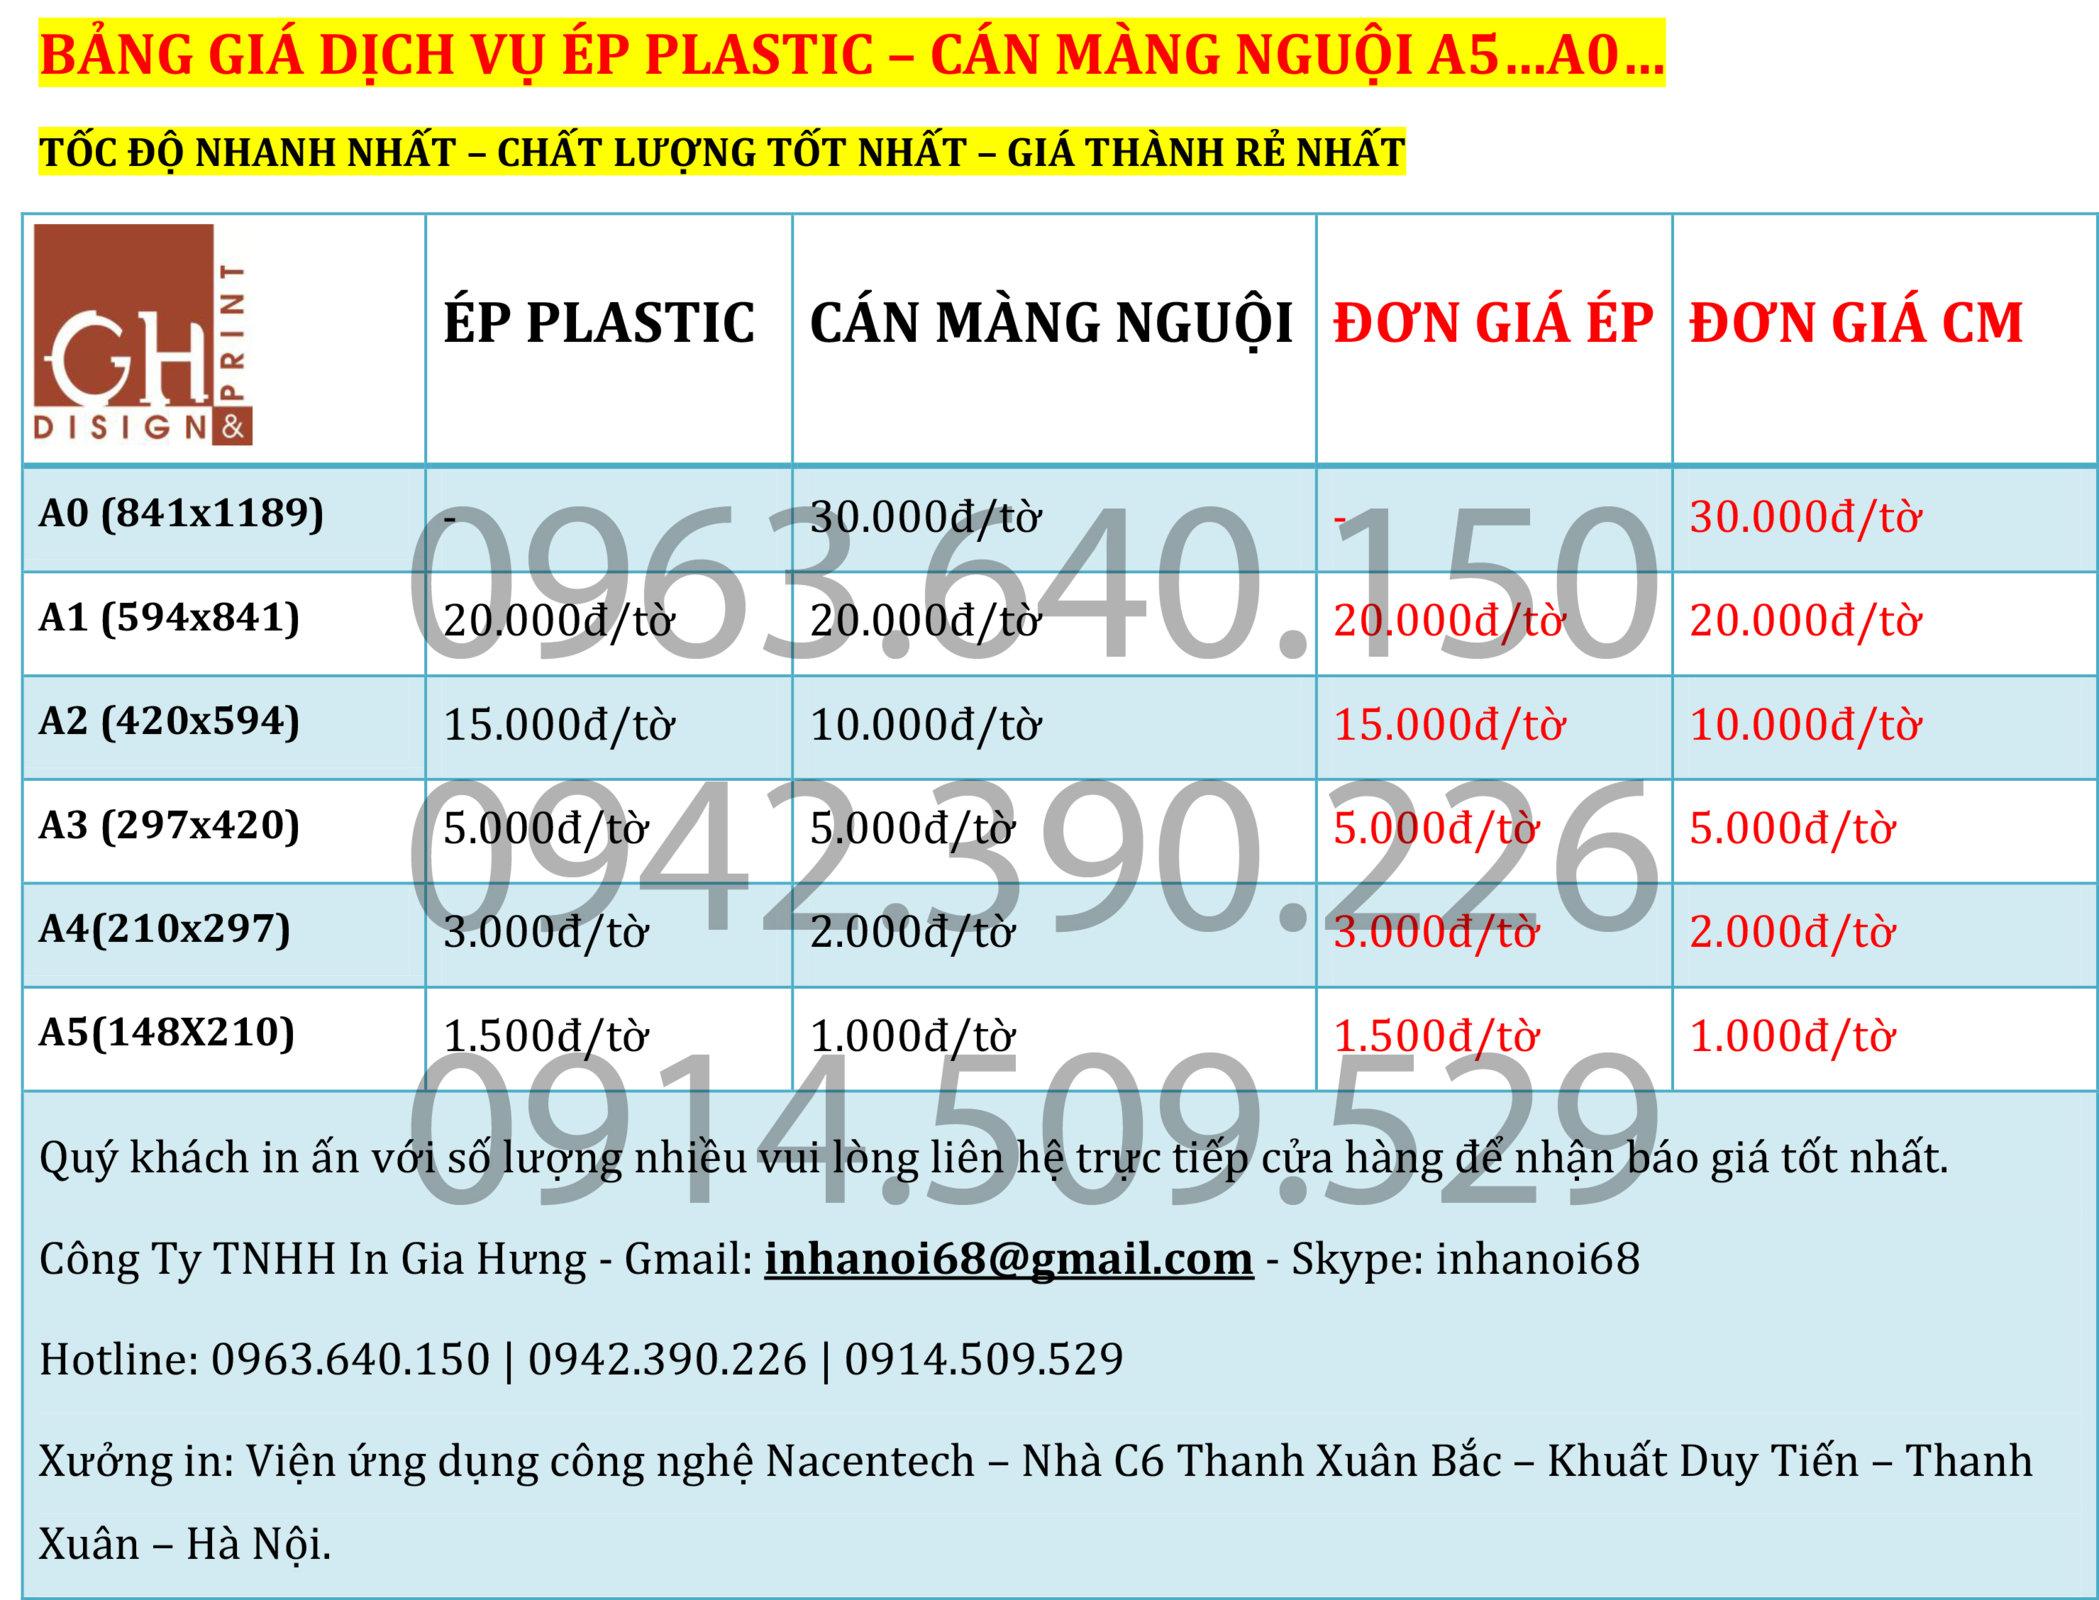 10. Photo giá rẻ tại Hà Nội. Photo tài liệu giá rẻ nhất Hà Nội.jpg